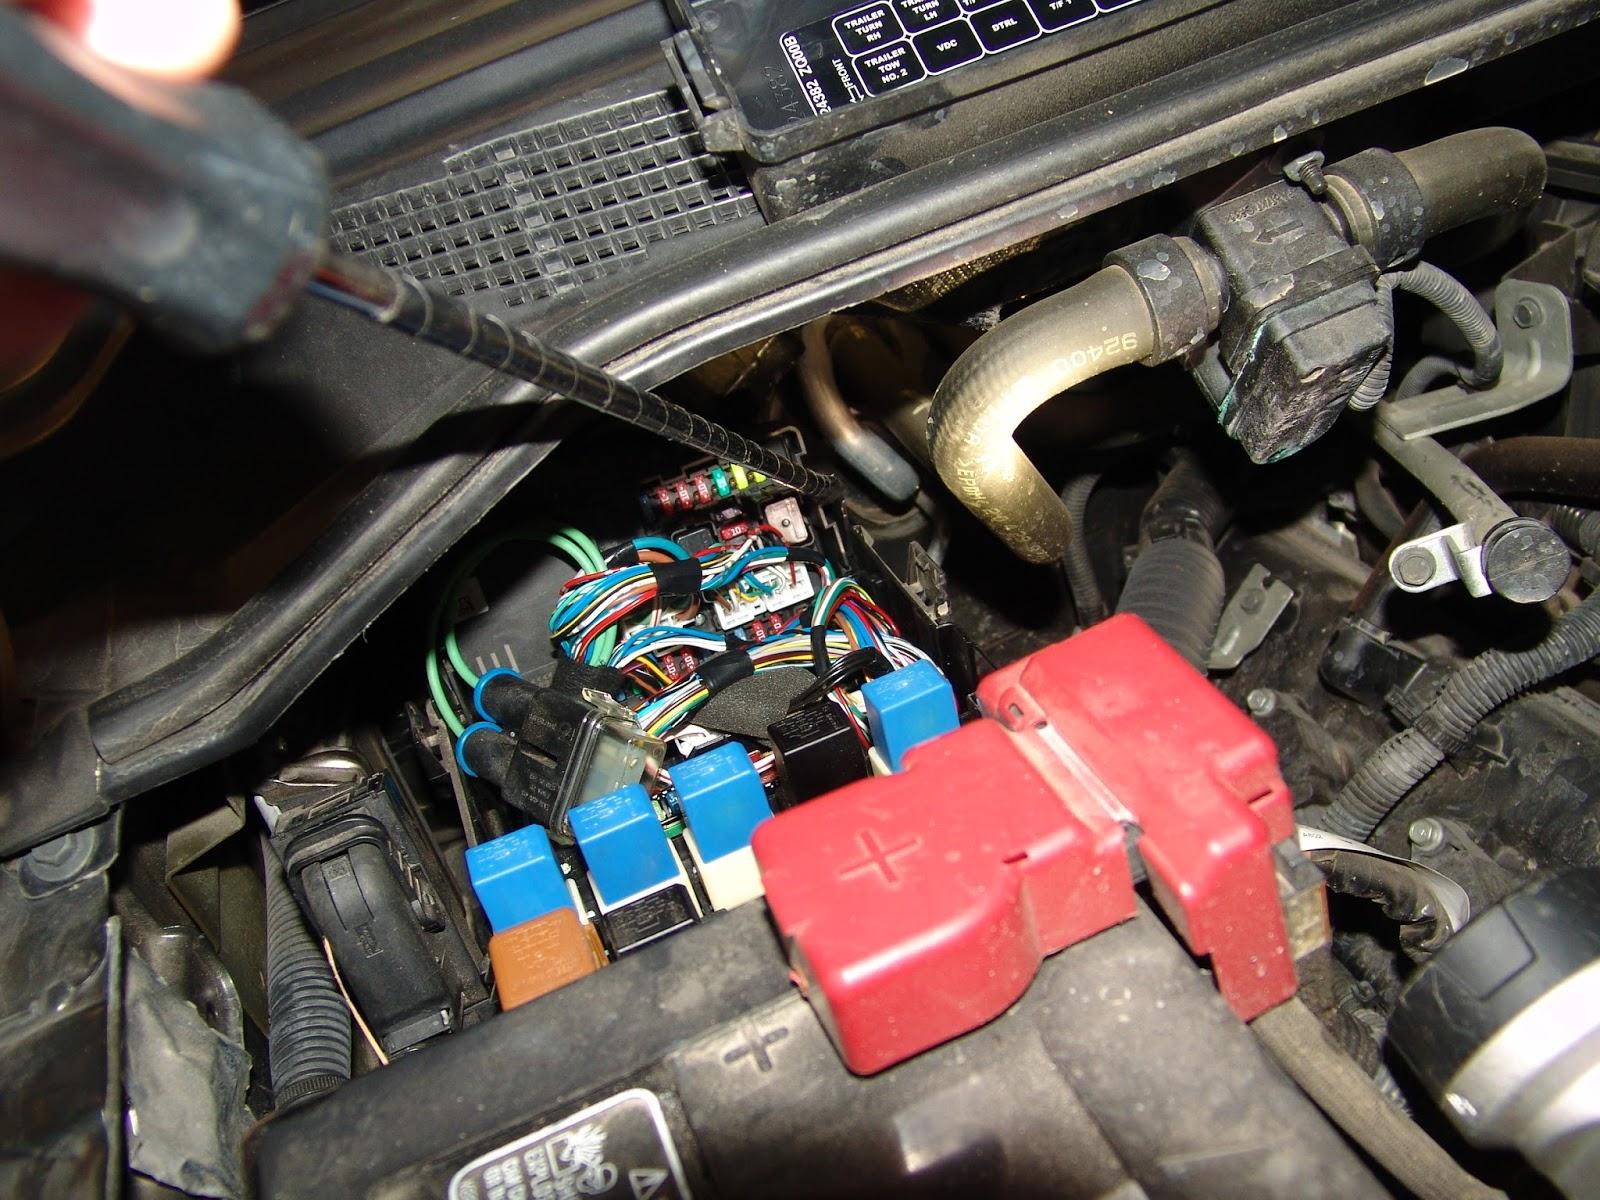 Nissan Titan Running Lights Not Working